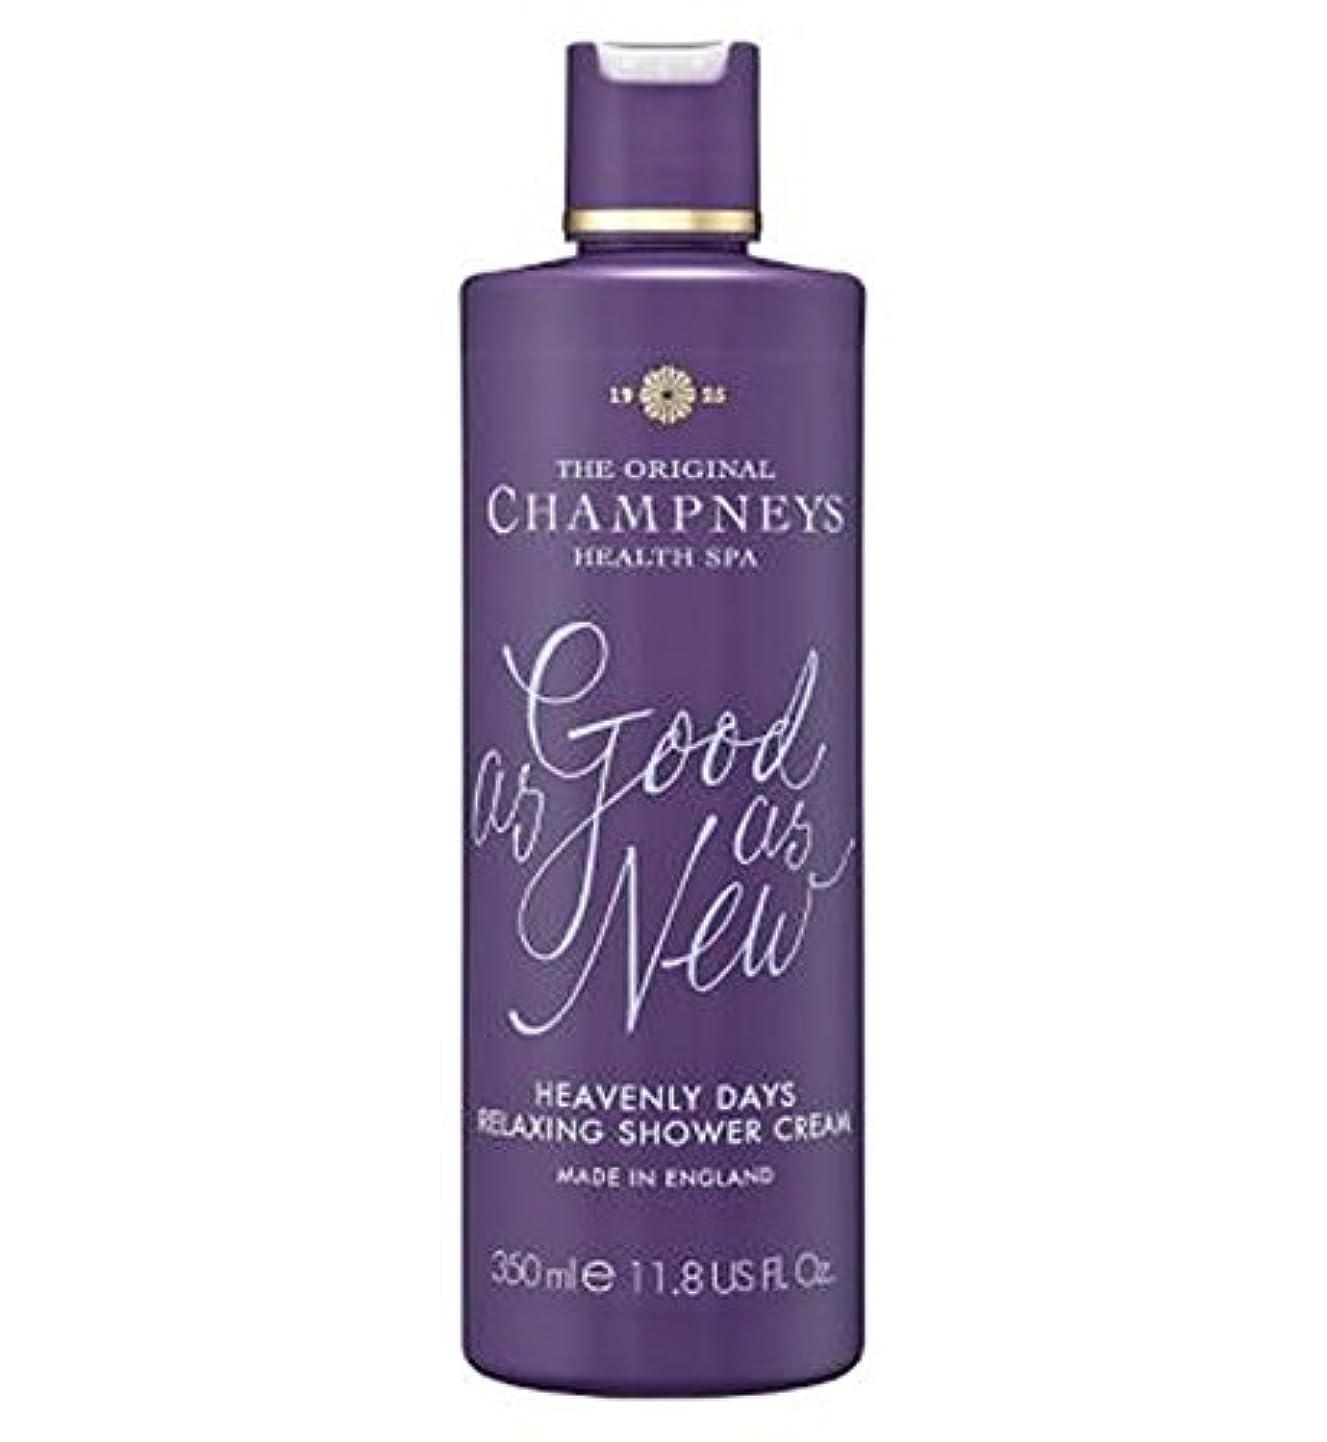 旅行者テクニカル南方のChampneys Heavenly Days Relaxing Shower Cream 350ml - チャンプニーズ天の日のリラックスシャワークリーム350ミリリットル (Champneys) [並行輸入品]